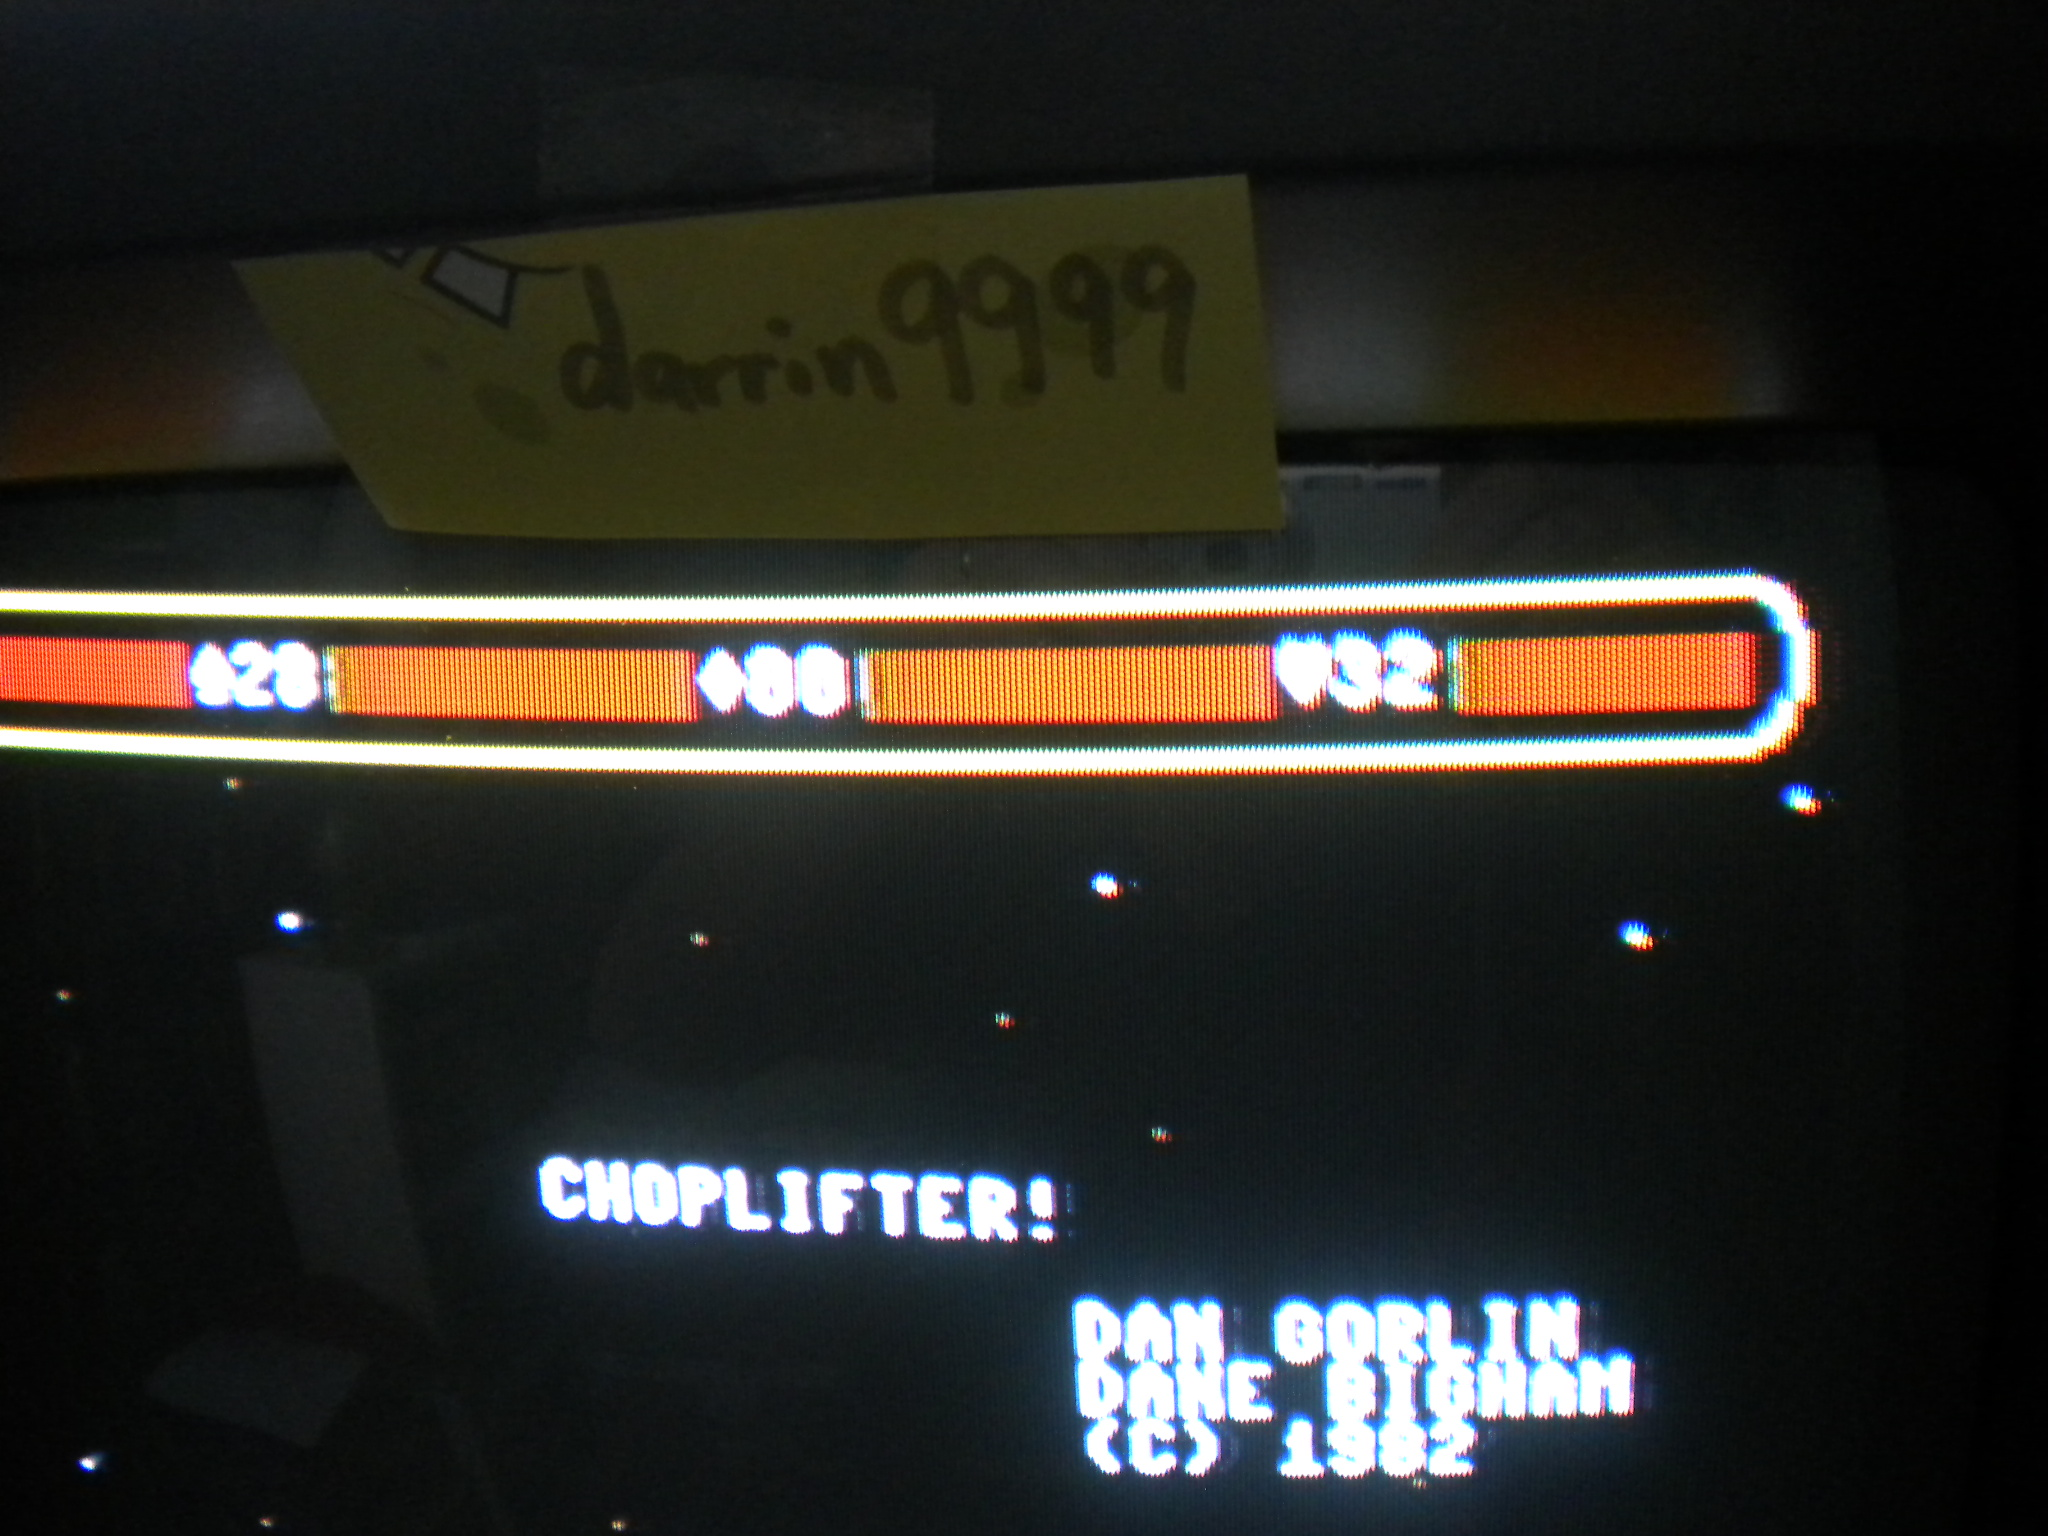 Choplifter 32 points